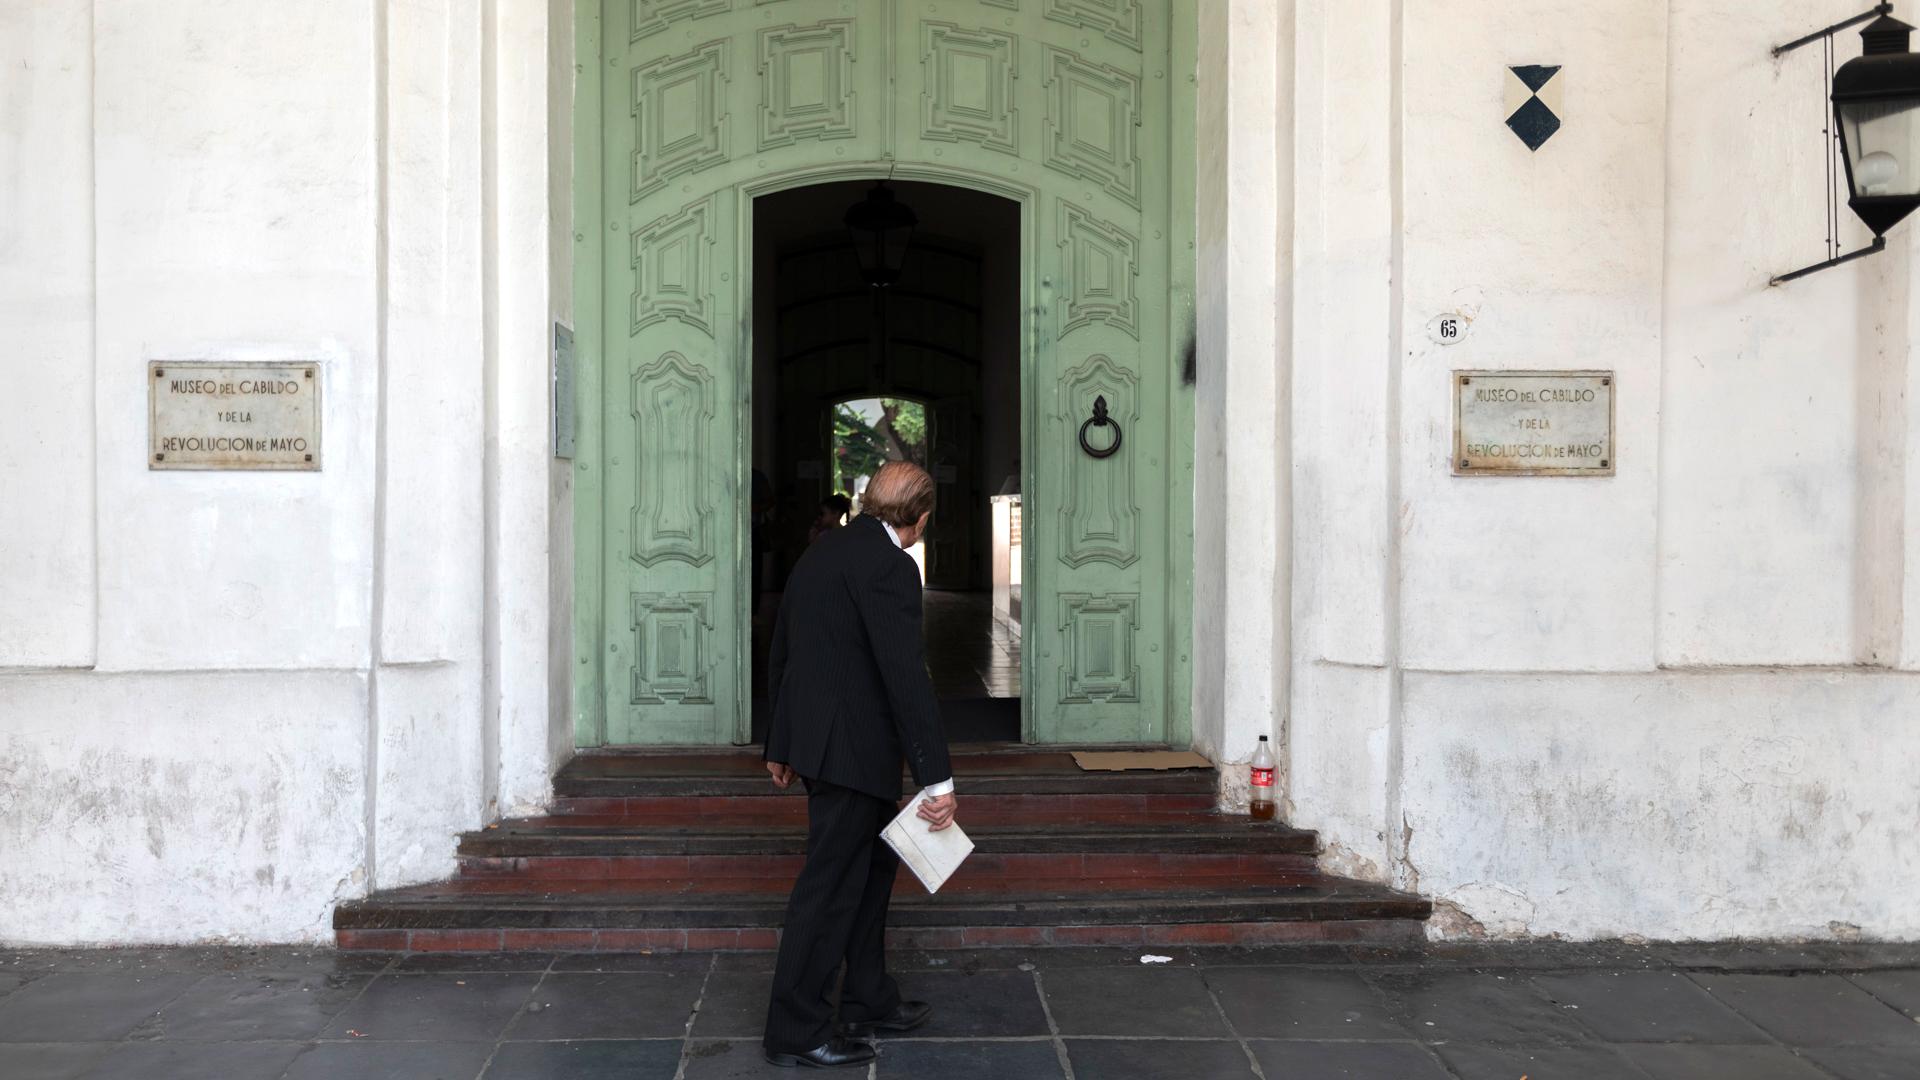 El museo del Cabildo también suspenderá sus visitas